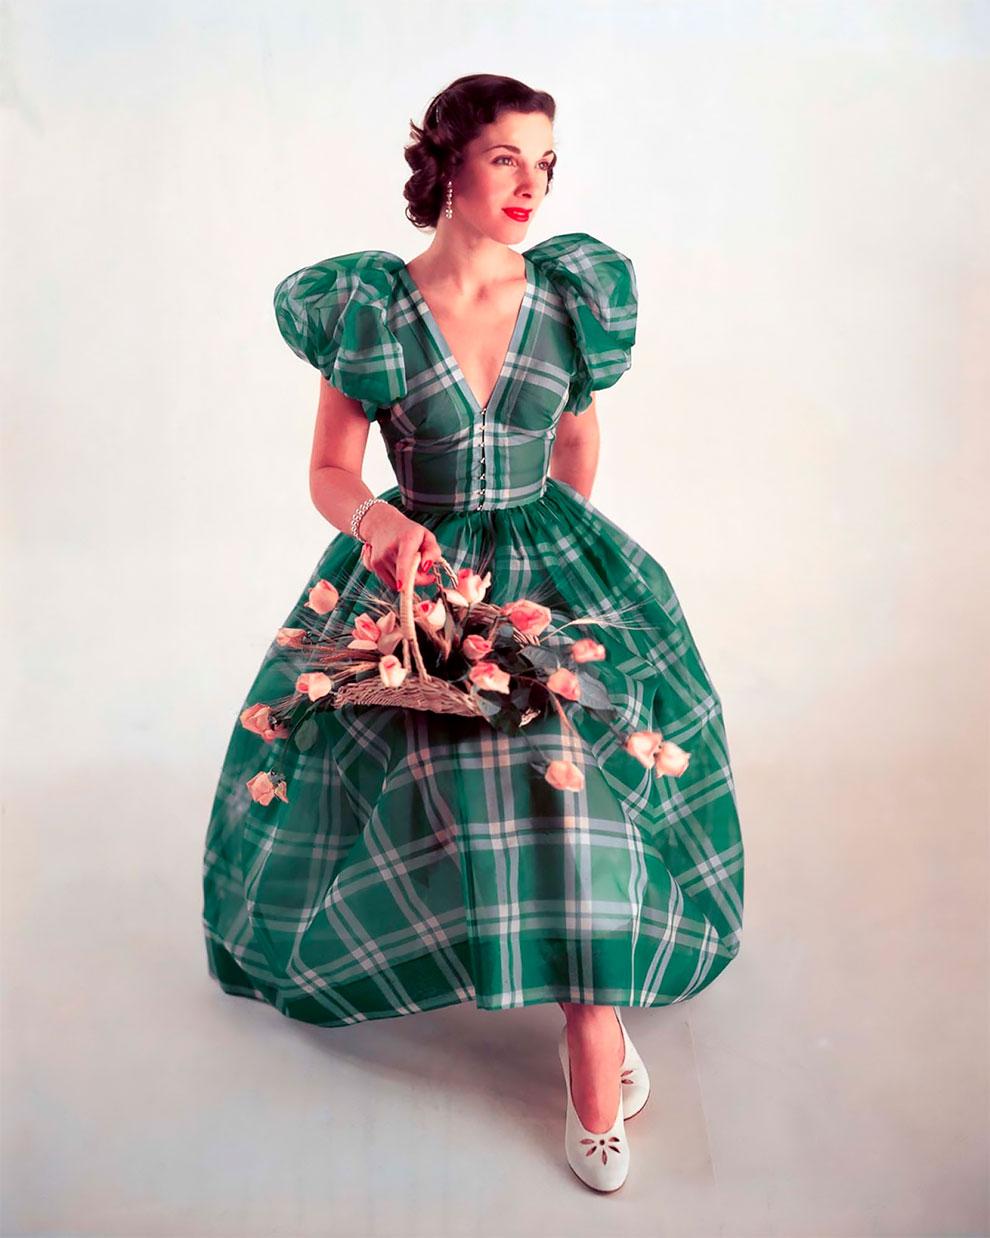 В потрясающих цветах фото Женевьевы Нейлор, 1945-1959 (20).jpg